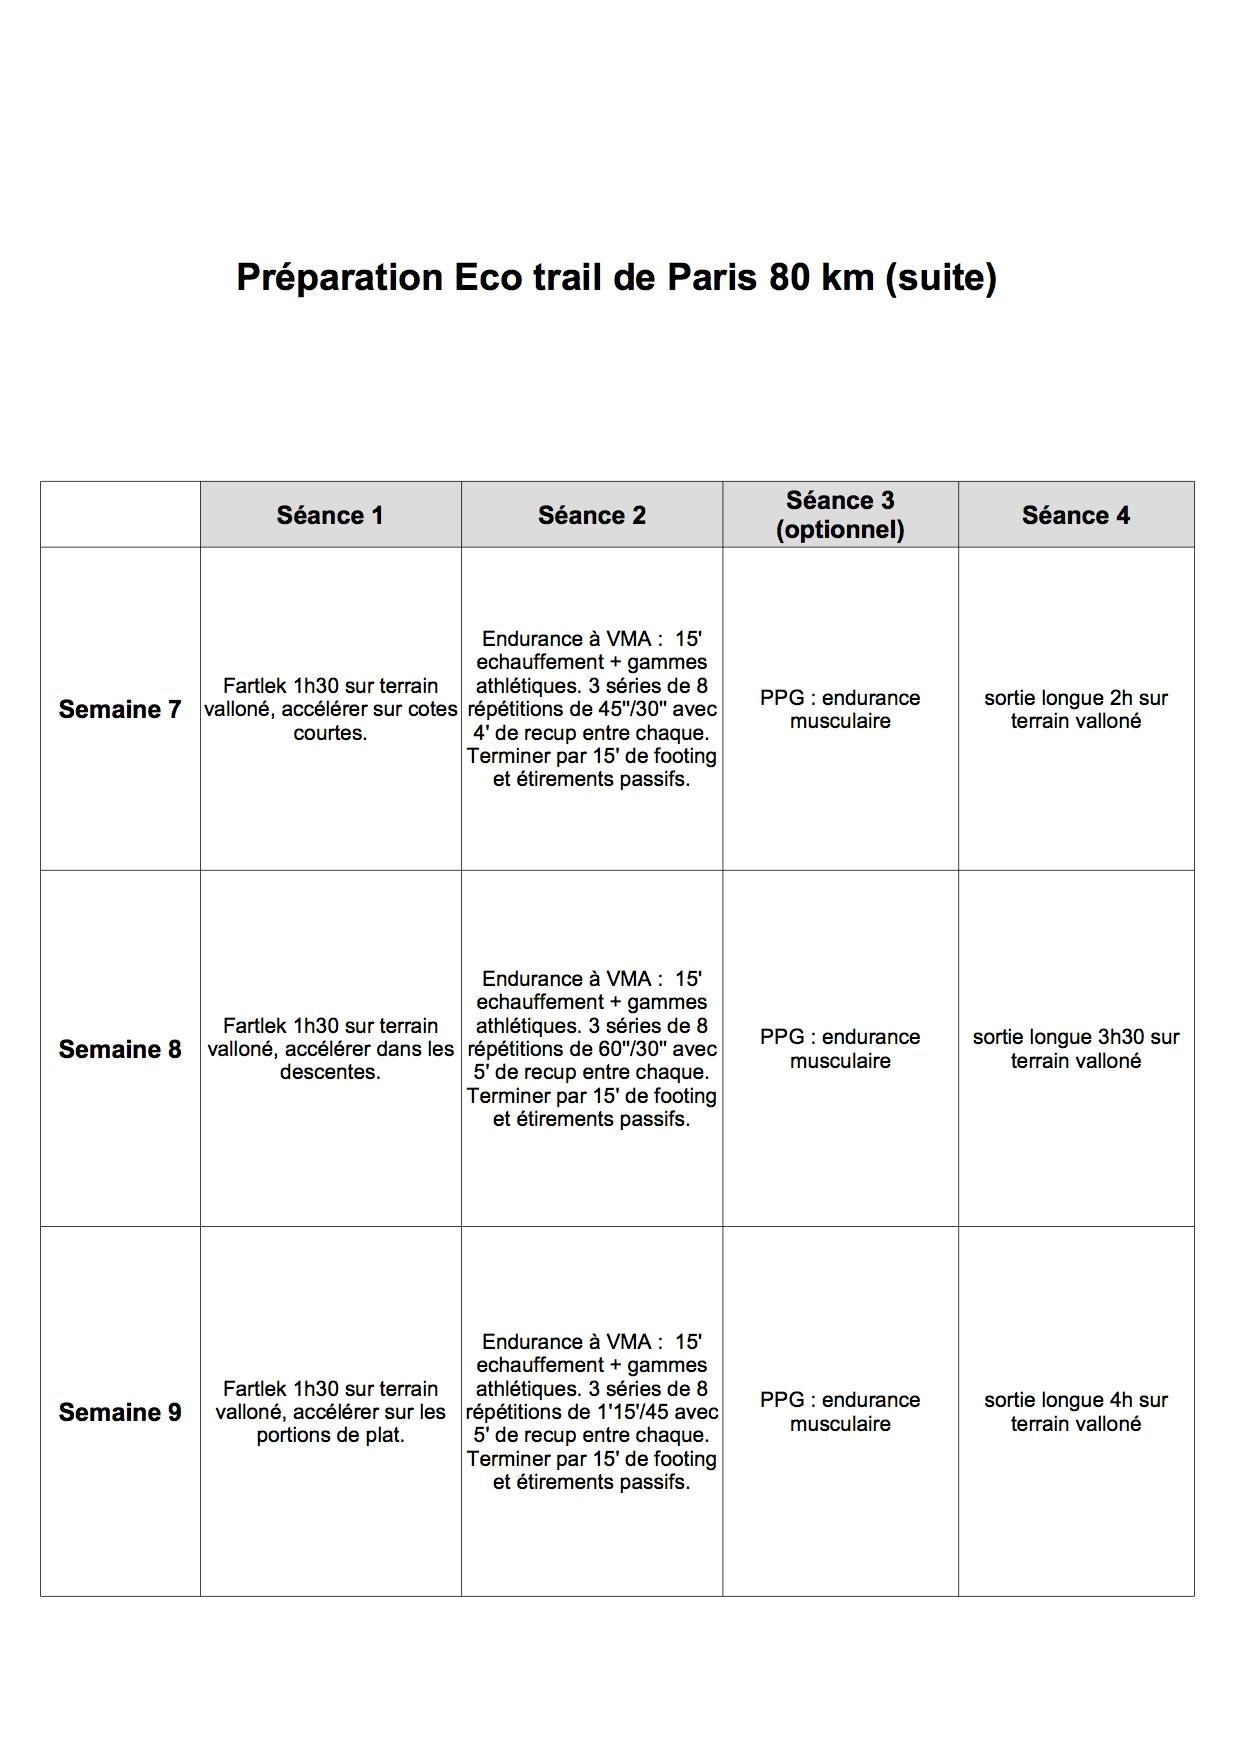 Plan d'entrainement gratuit pour l'ecoTrail de Paris 80 km